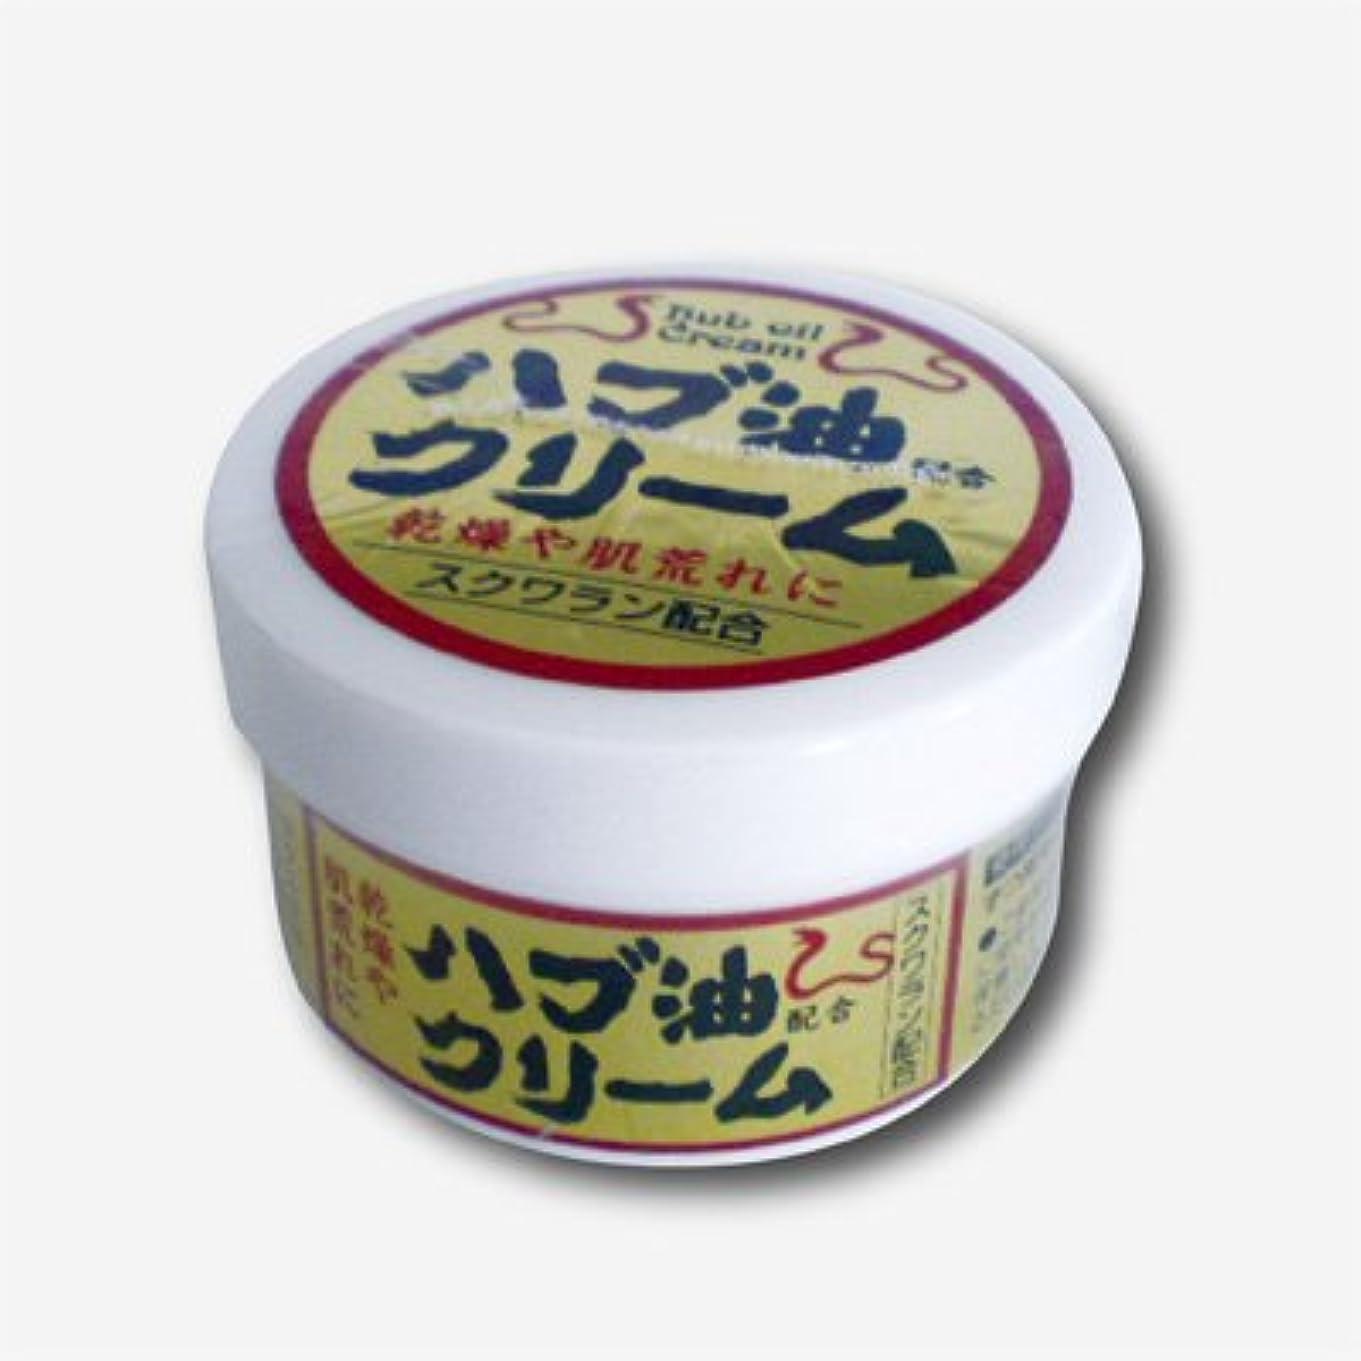 修正するテザー郵便番号ハブ油配合クリーム 2個【1個?50g】